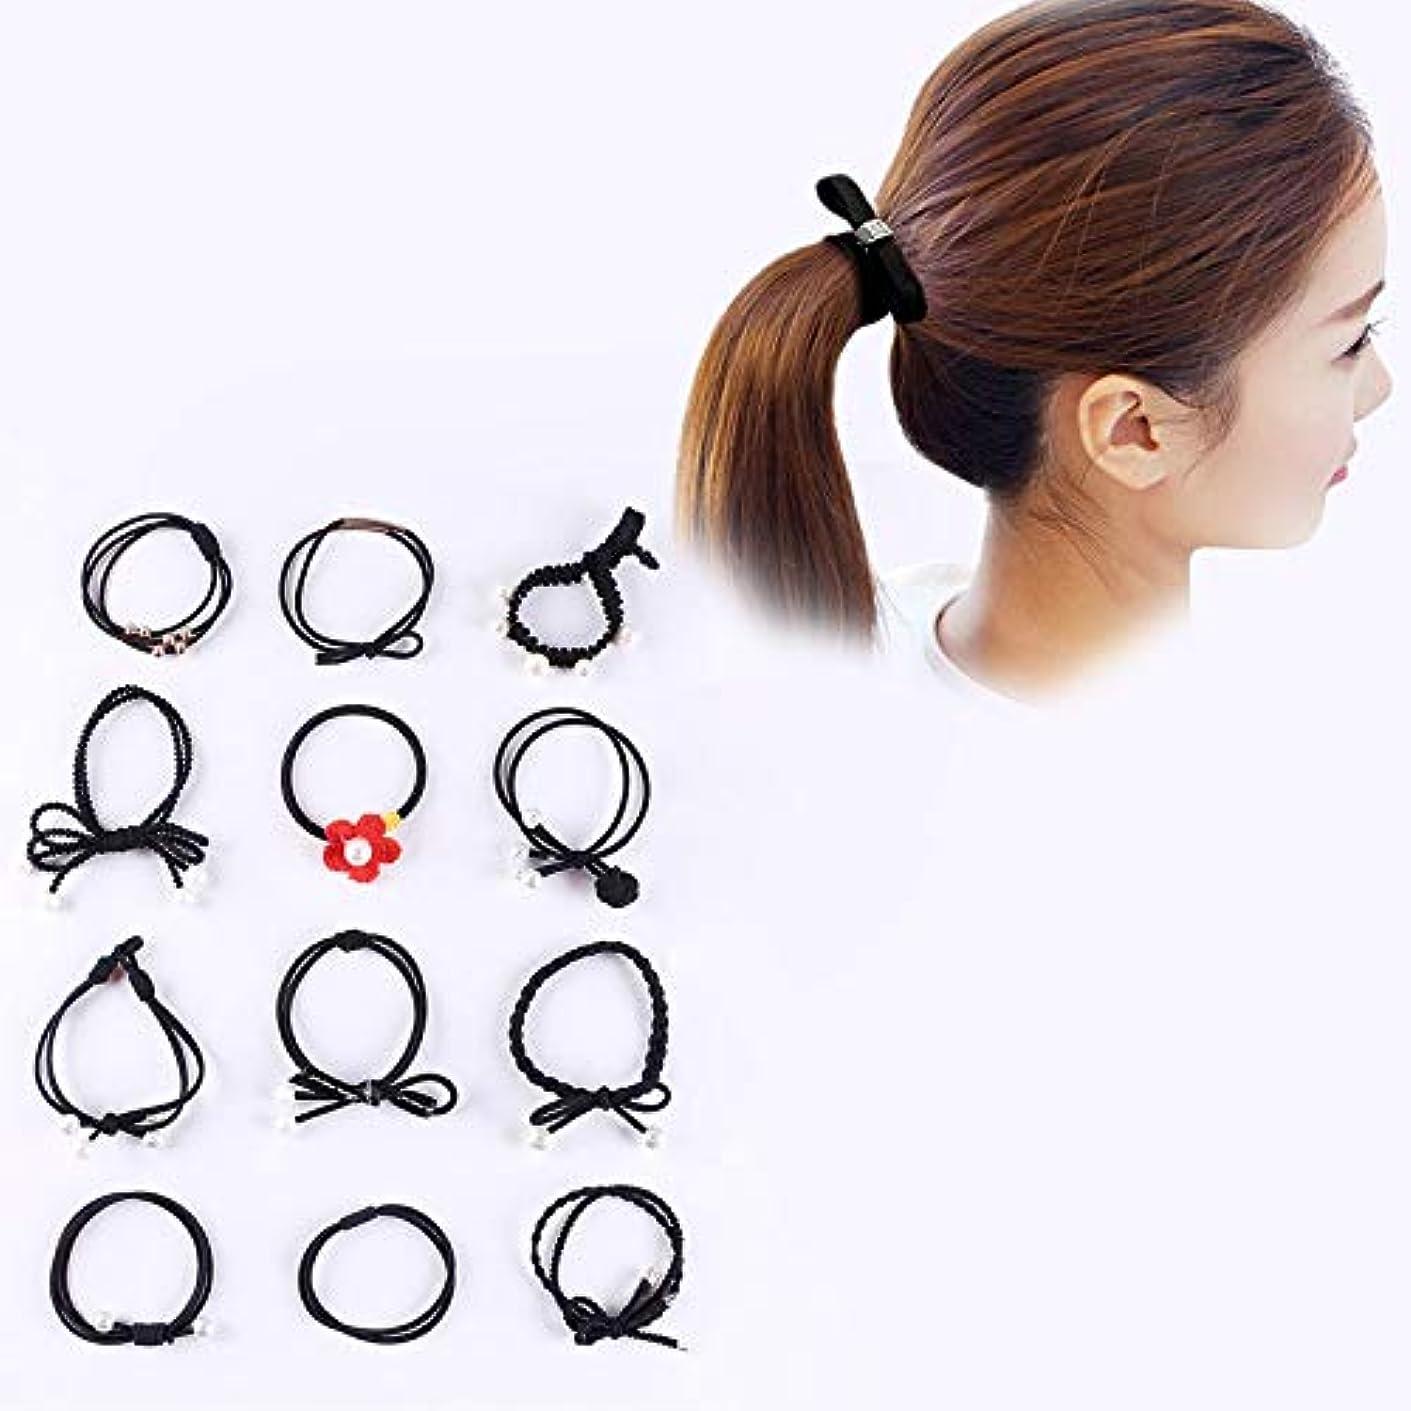 失望トレイル生産性Hairpinheair YHM 12 PCS/箱入りシンプルクリエイティブレディパールちょう結びスタイルヘアバンド(ブラック) (色 : Black)